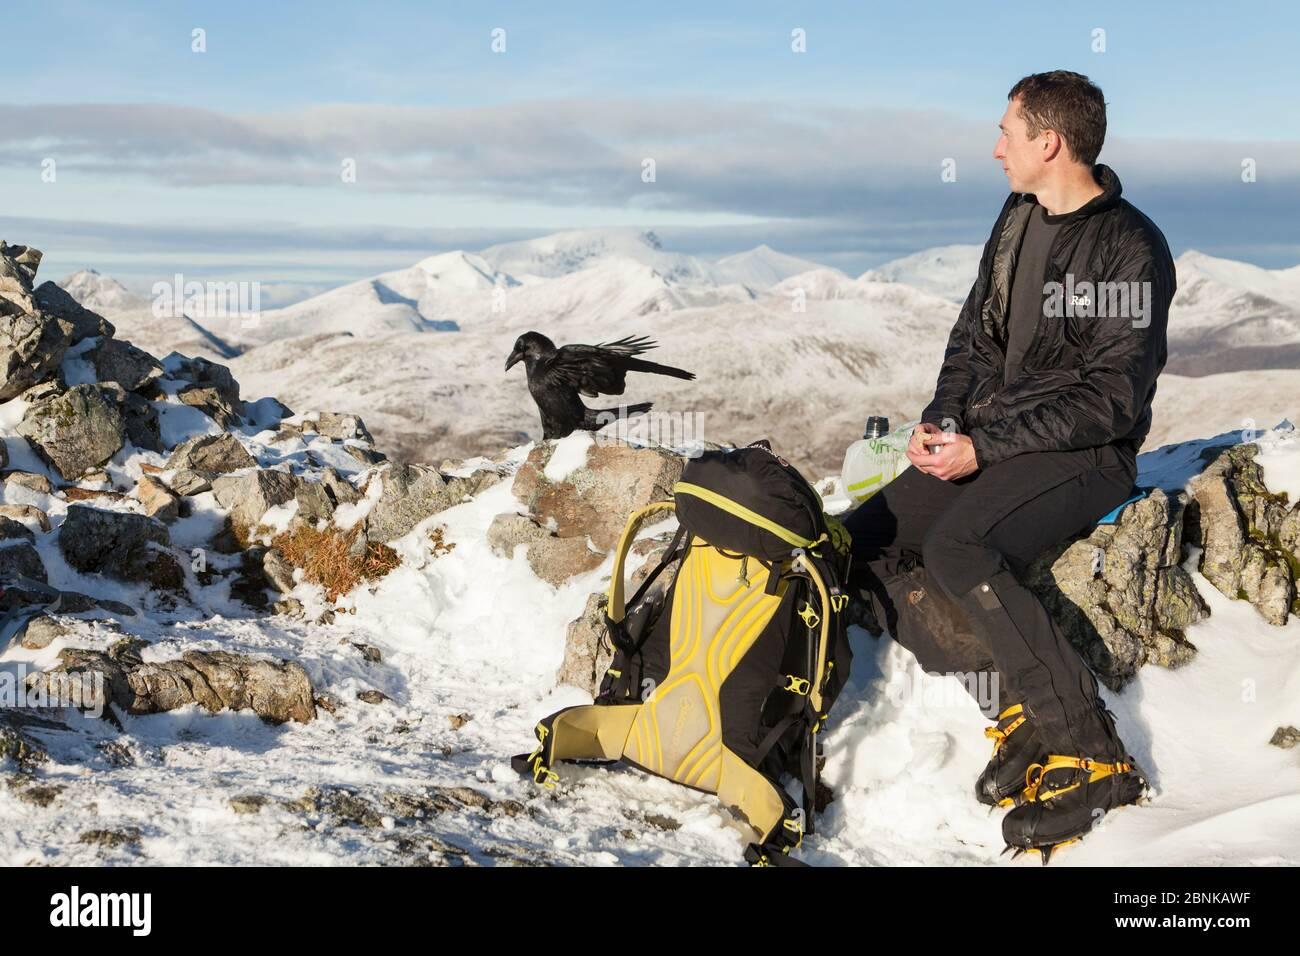 Hill Walker déjeuner au sommet de cairn à Glen COE avec Raven à proximité à la recherche de nourriture des restes. Écosse, Royaume-Uni. Novembre 2015. Banque D'Images